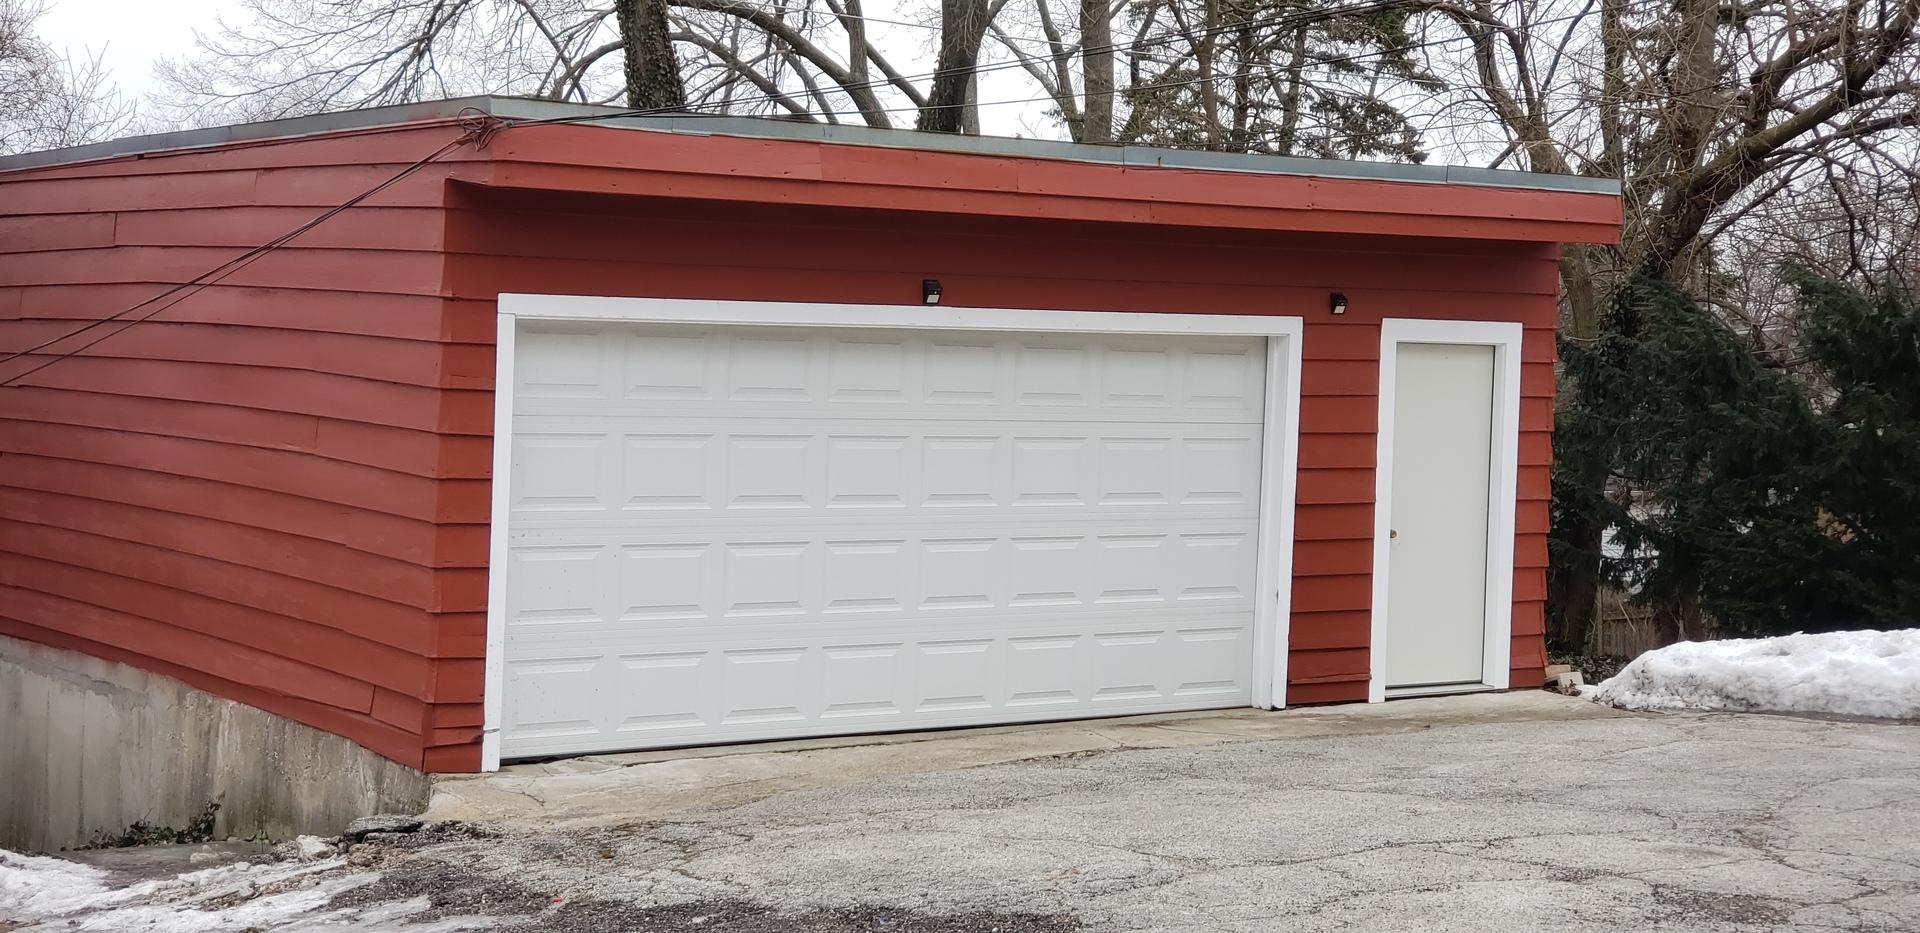 713 North La Grange, LA GRANGE PARK, Illinois, 60525